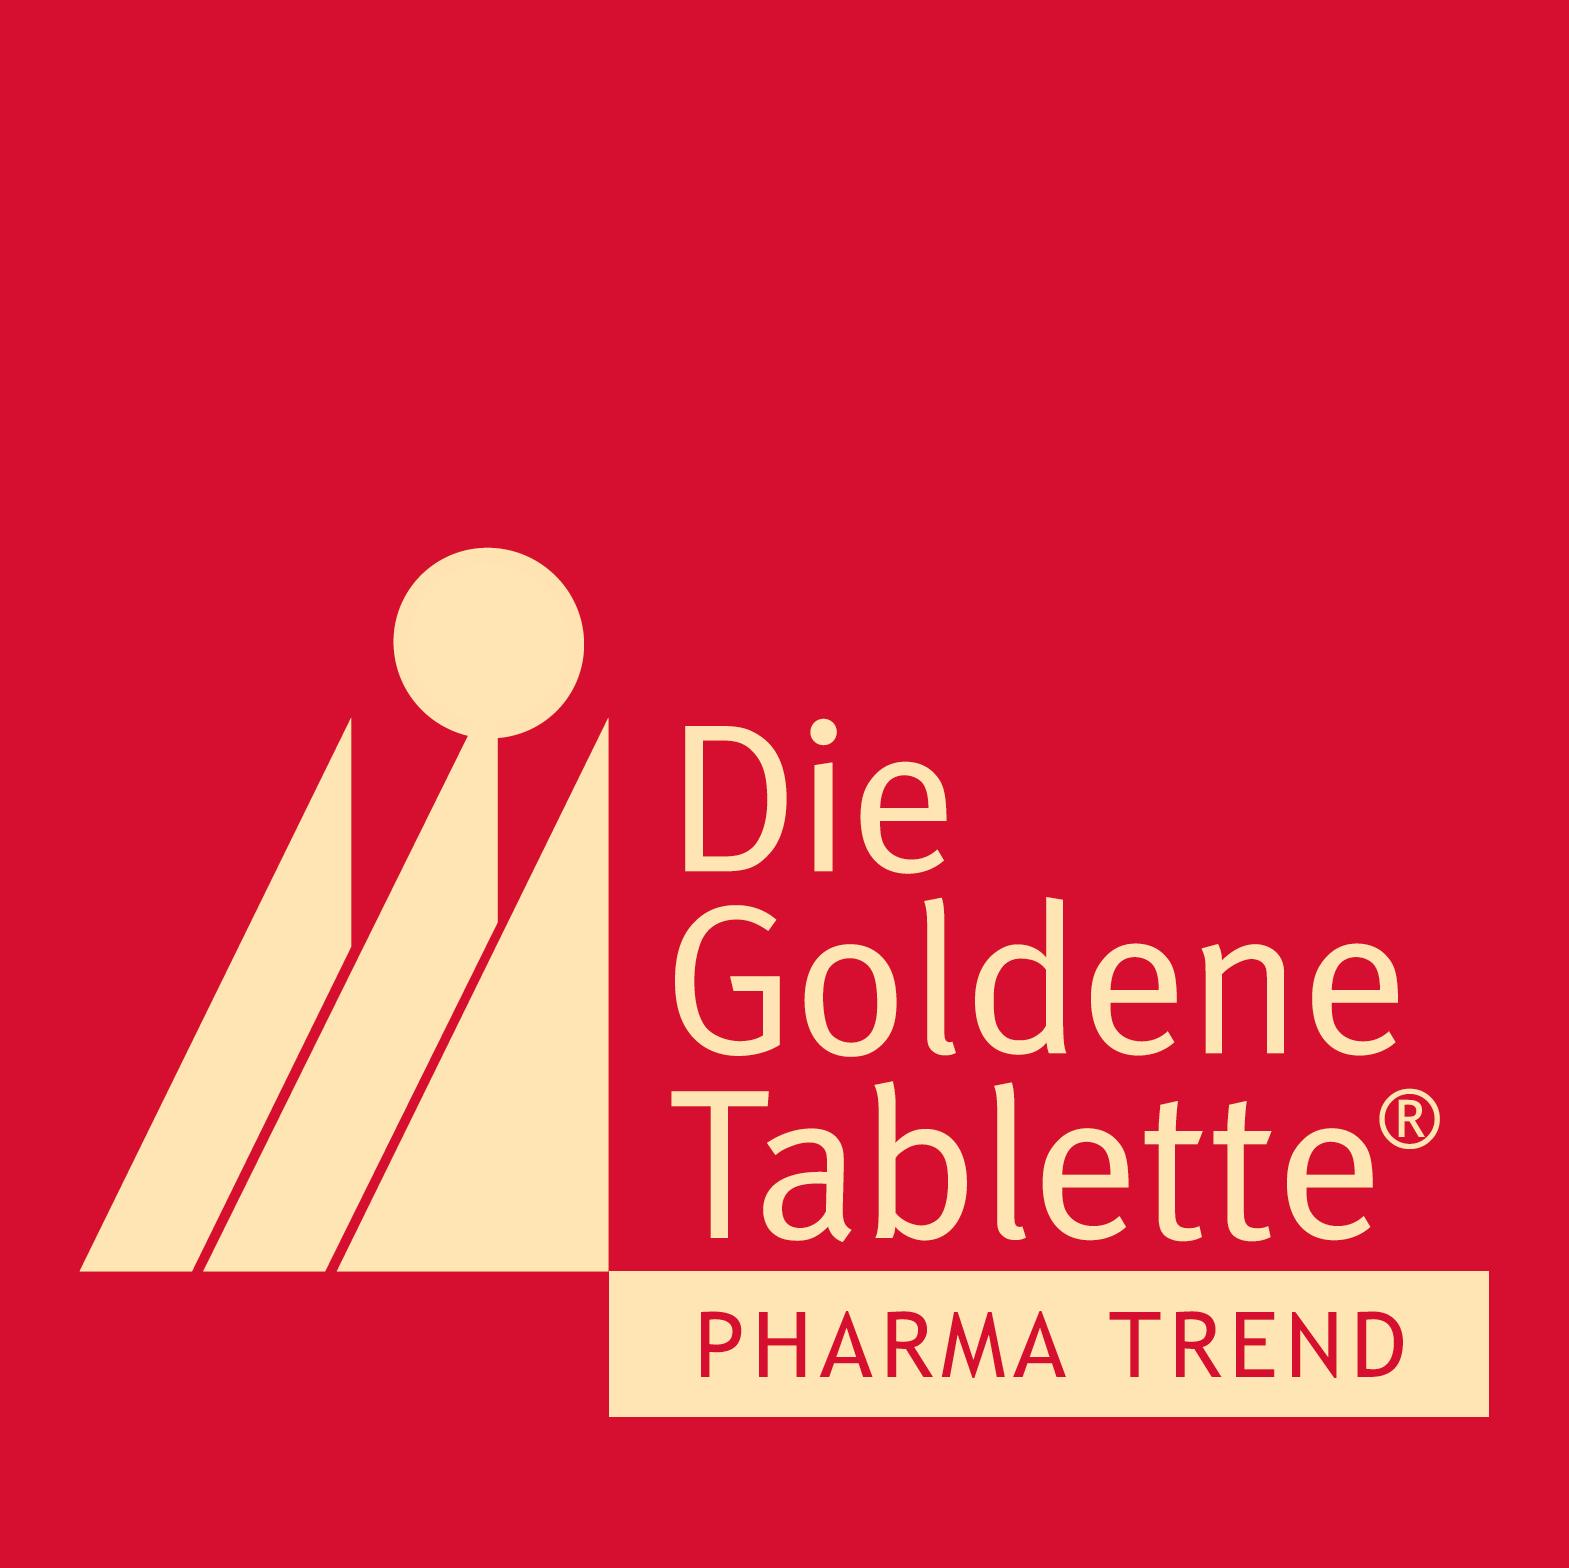 Die Goldene Tablette 2020 image